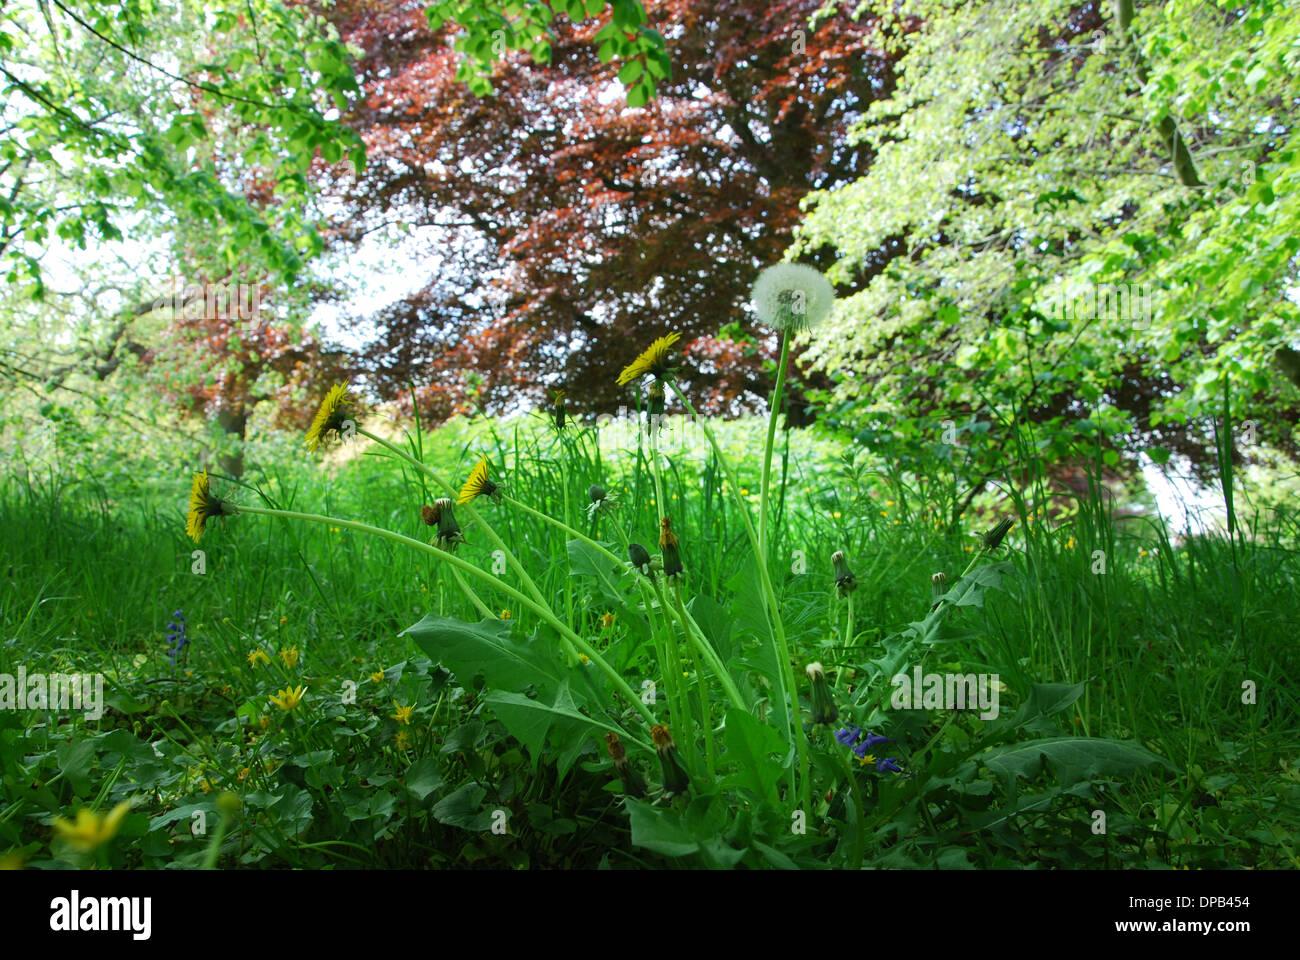 Glastonbury Abbey gardens in spring, Glastonbury UK Stock Photo